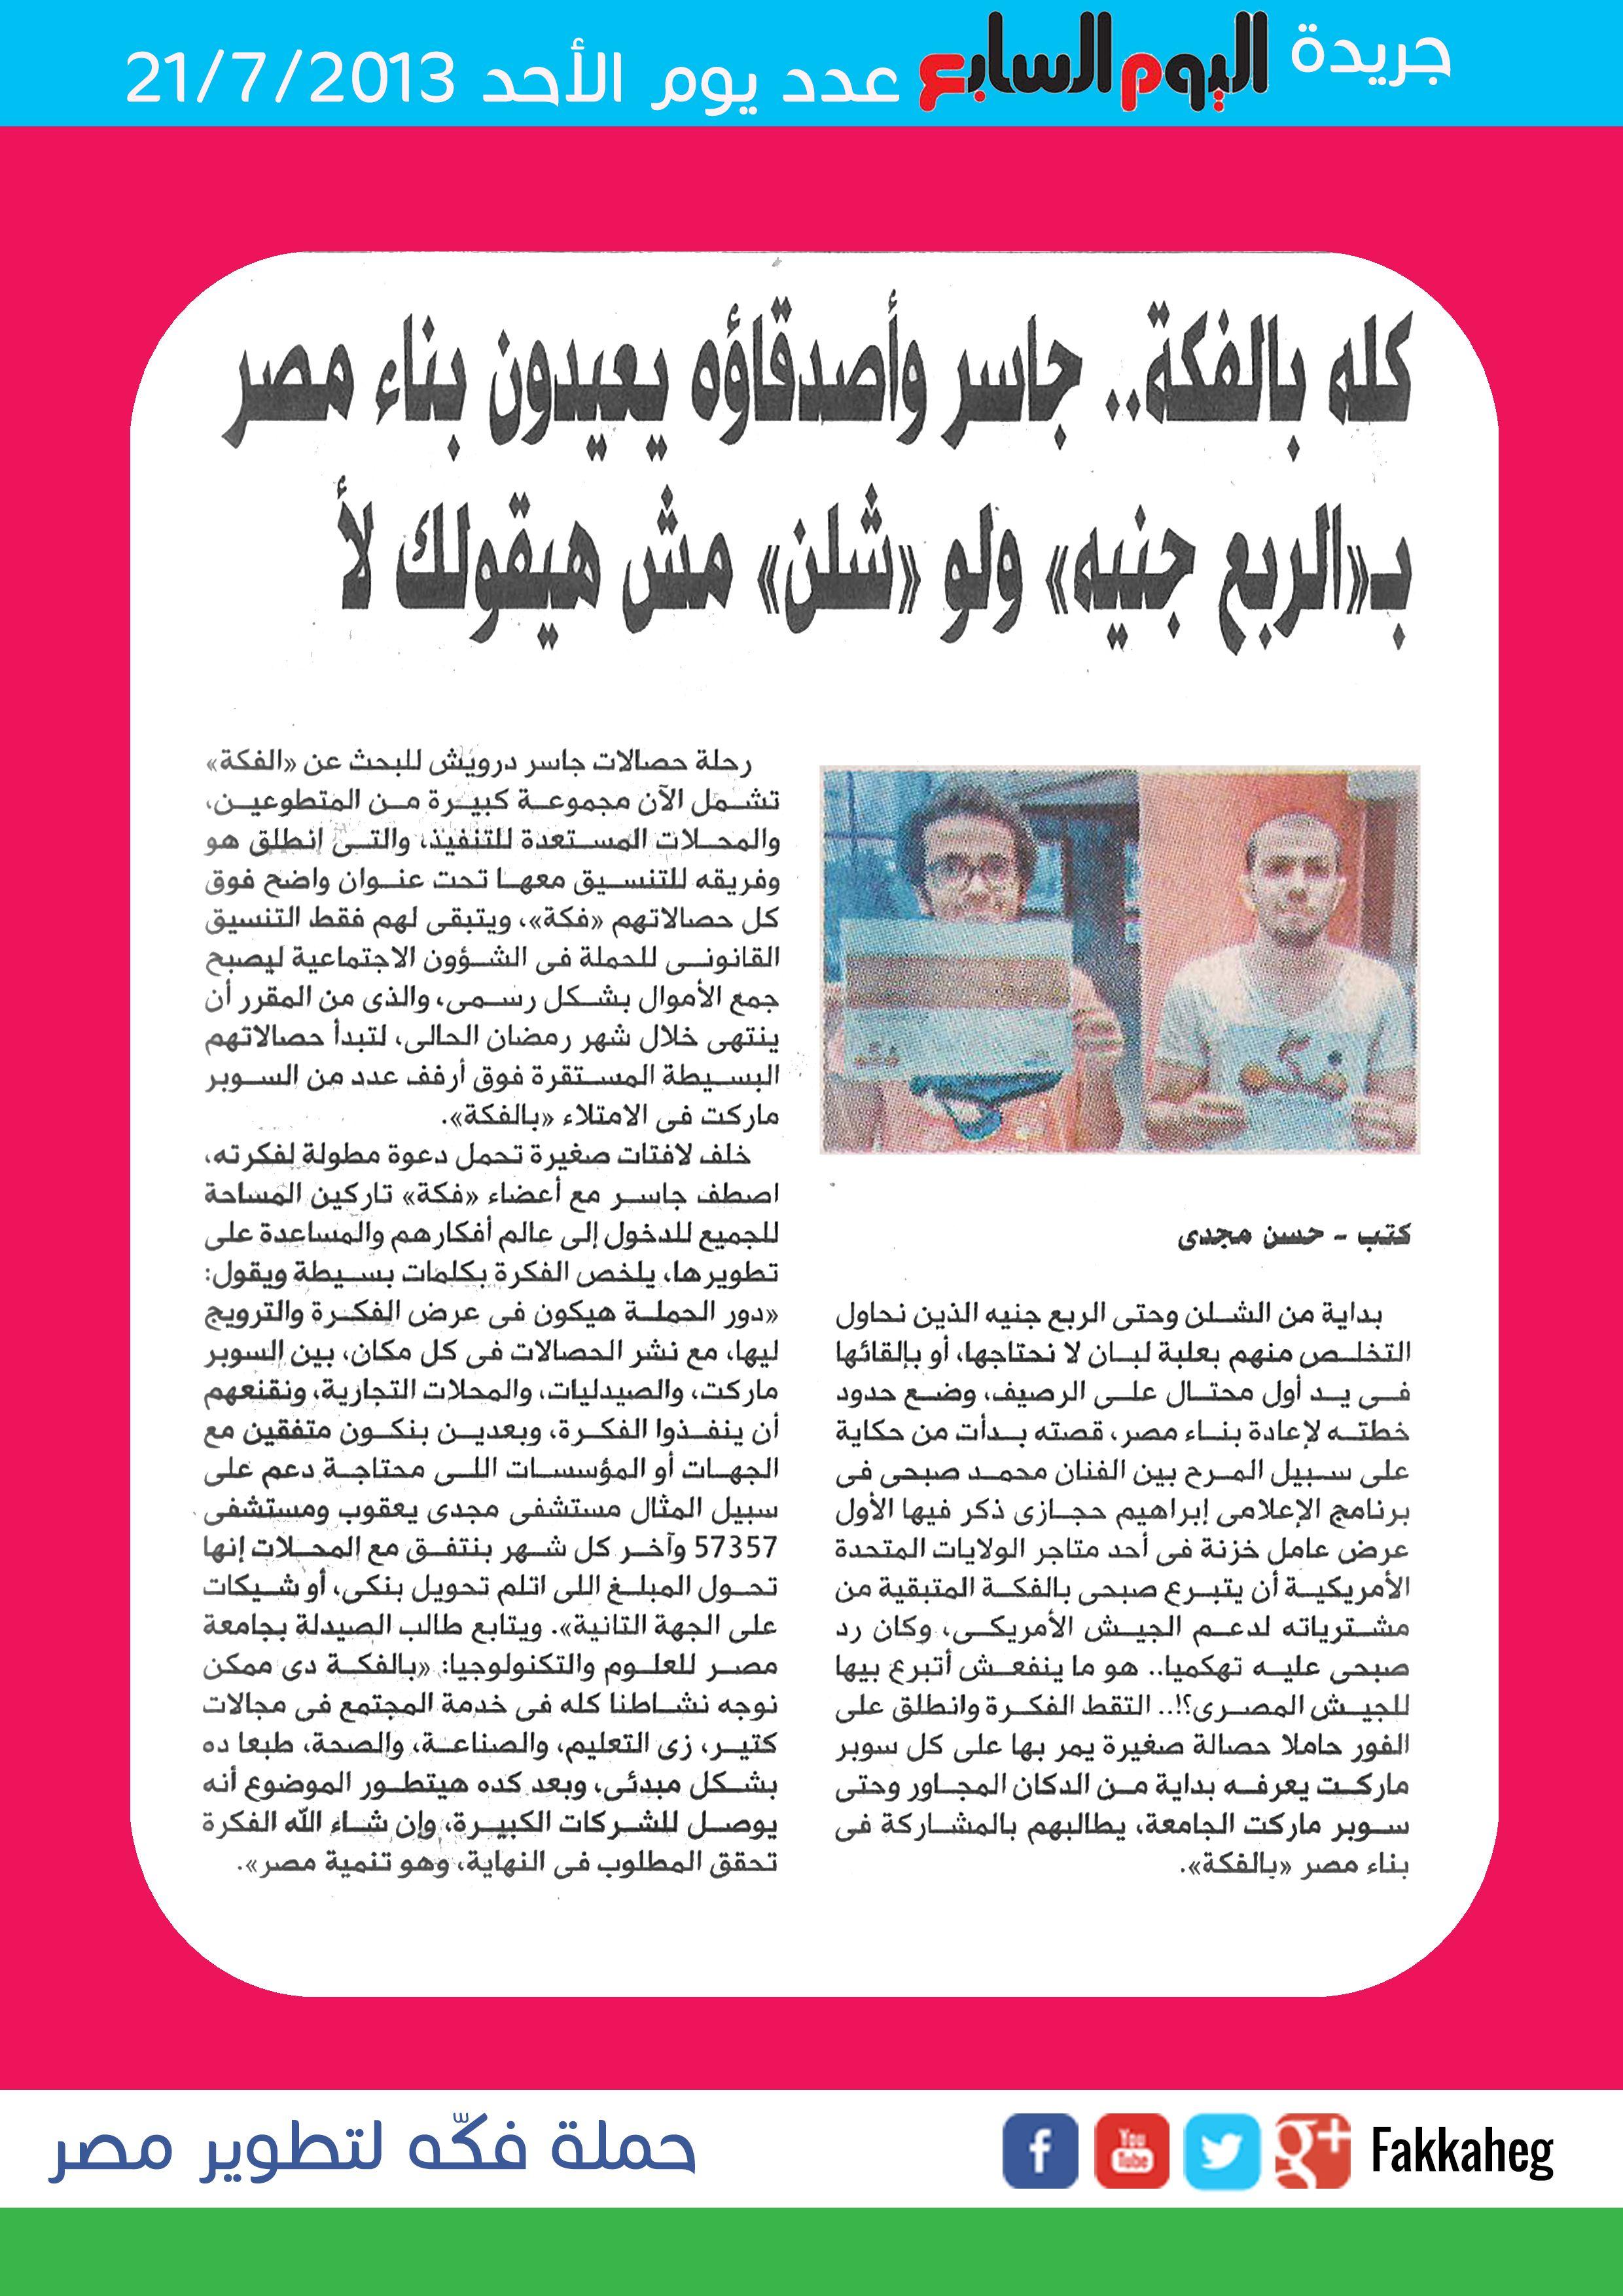 مقال رائع للصحفي حسن مجدي في جريدة اليوم السابع عن حملة فكه بتاريخ يوم الأحد 21 7 2013 Word Search Puzzle Words Organization